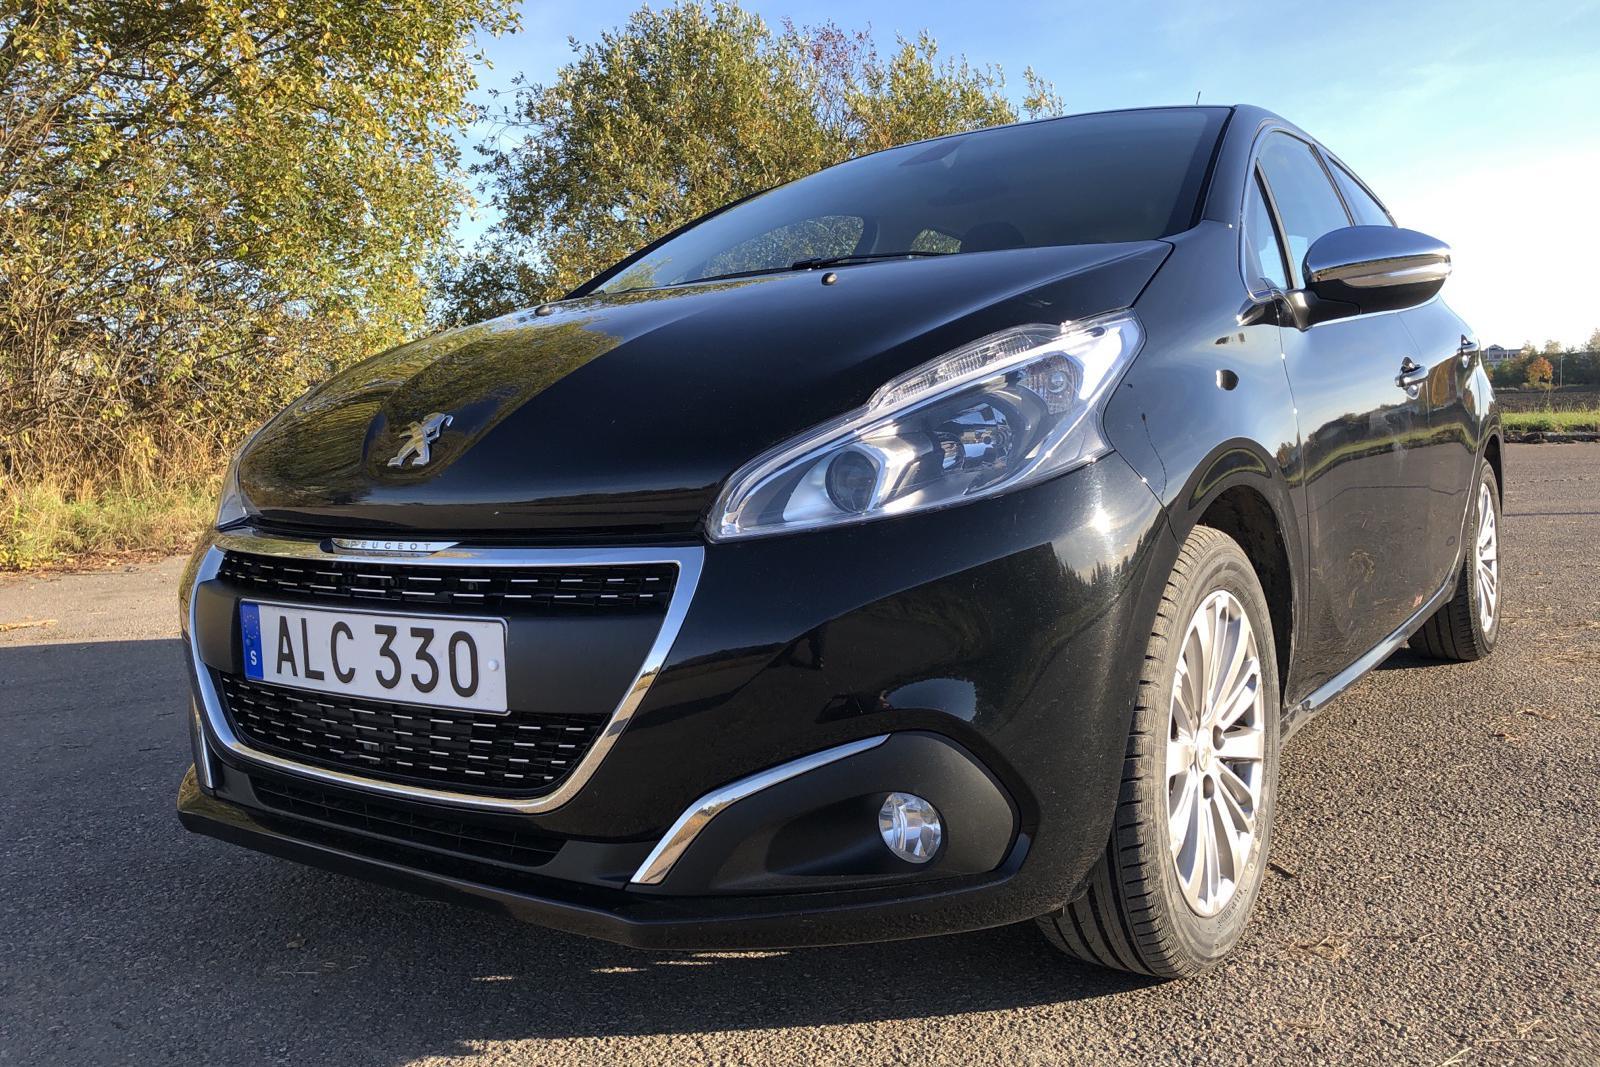 Peugeot 208 PureTech 5dr (110hk) - 6 580 mil - Automat - svart - 2018